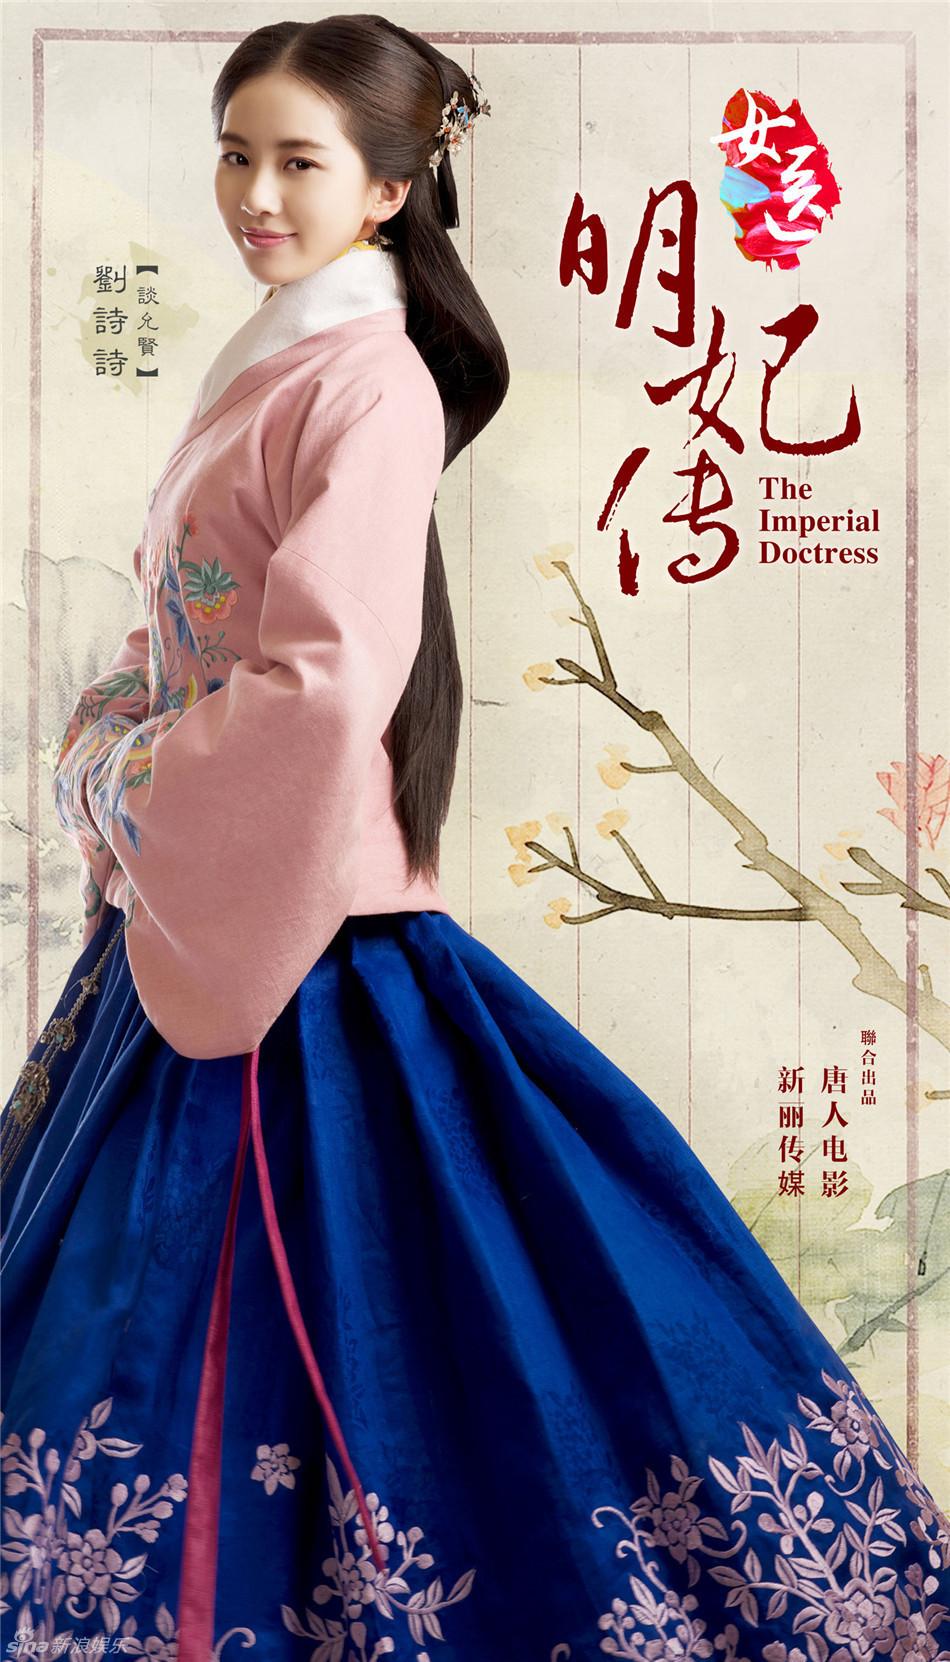 Mingdai nǚ yishi 明代女醫師 (The Imperial Doctress')